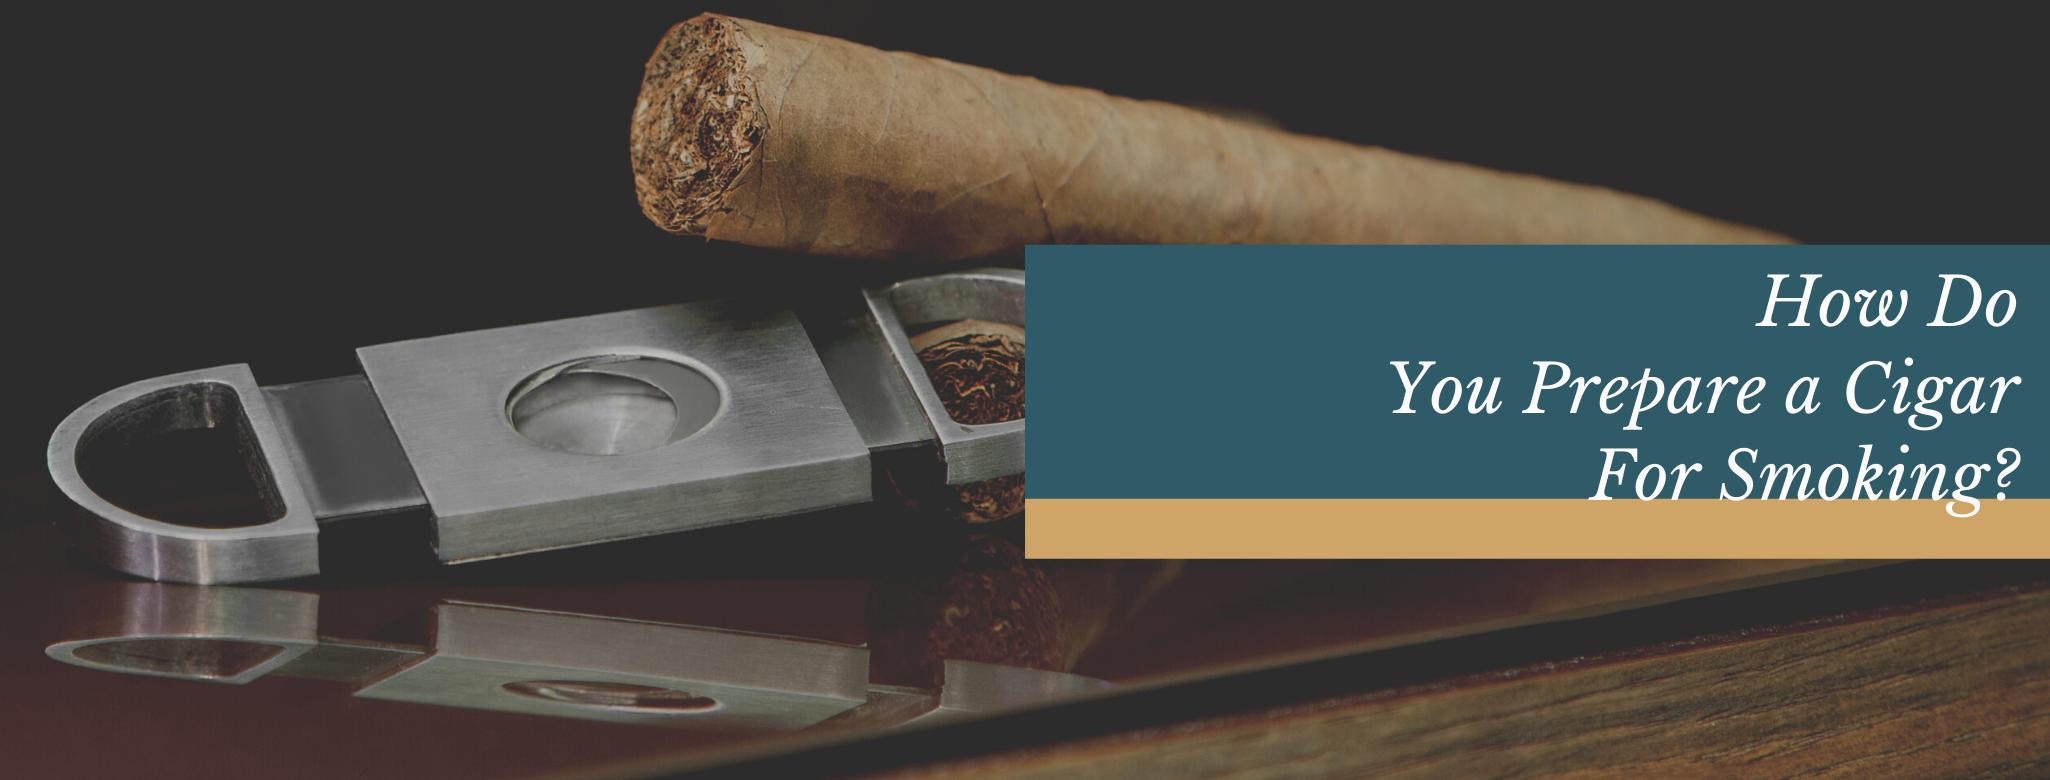 reads: How do you prepare a cigar for smoking?